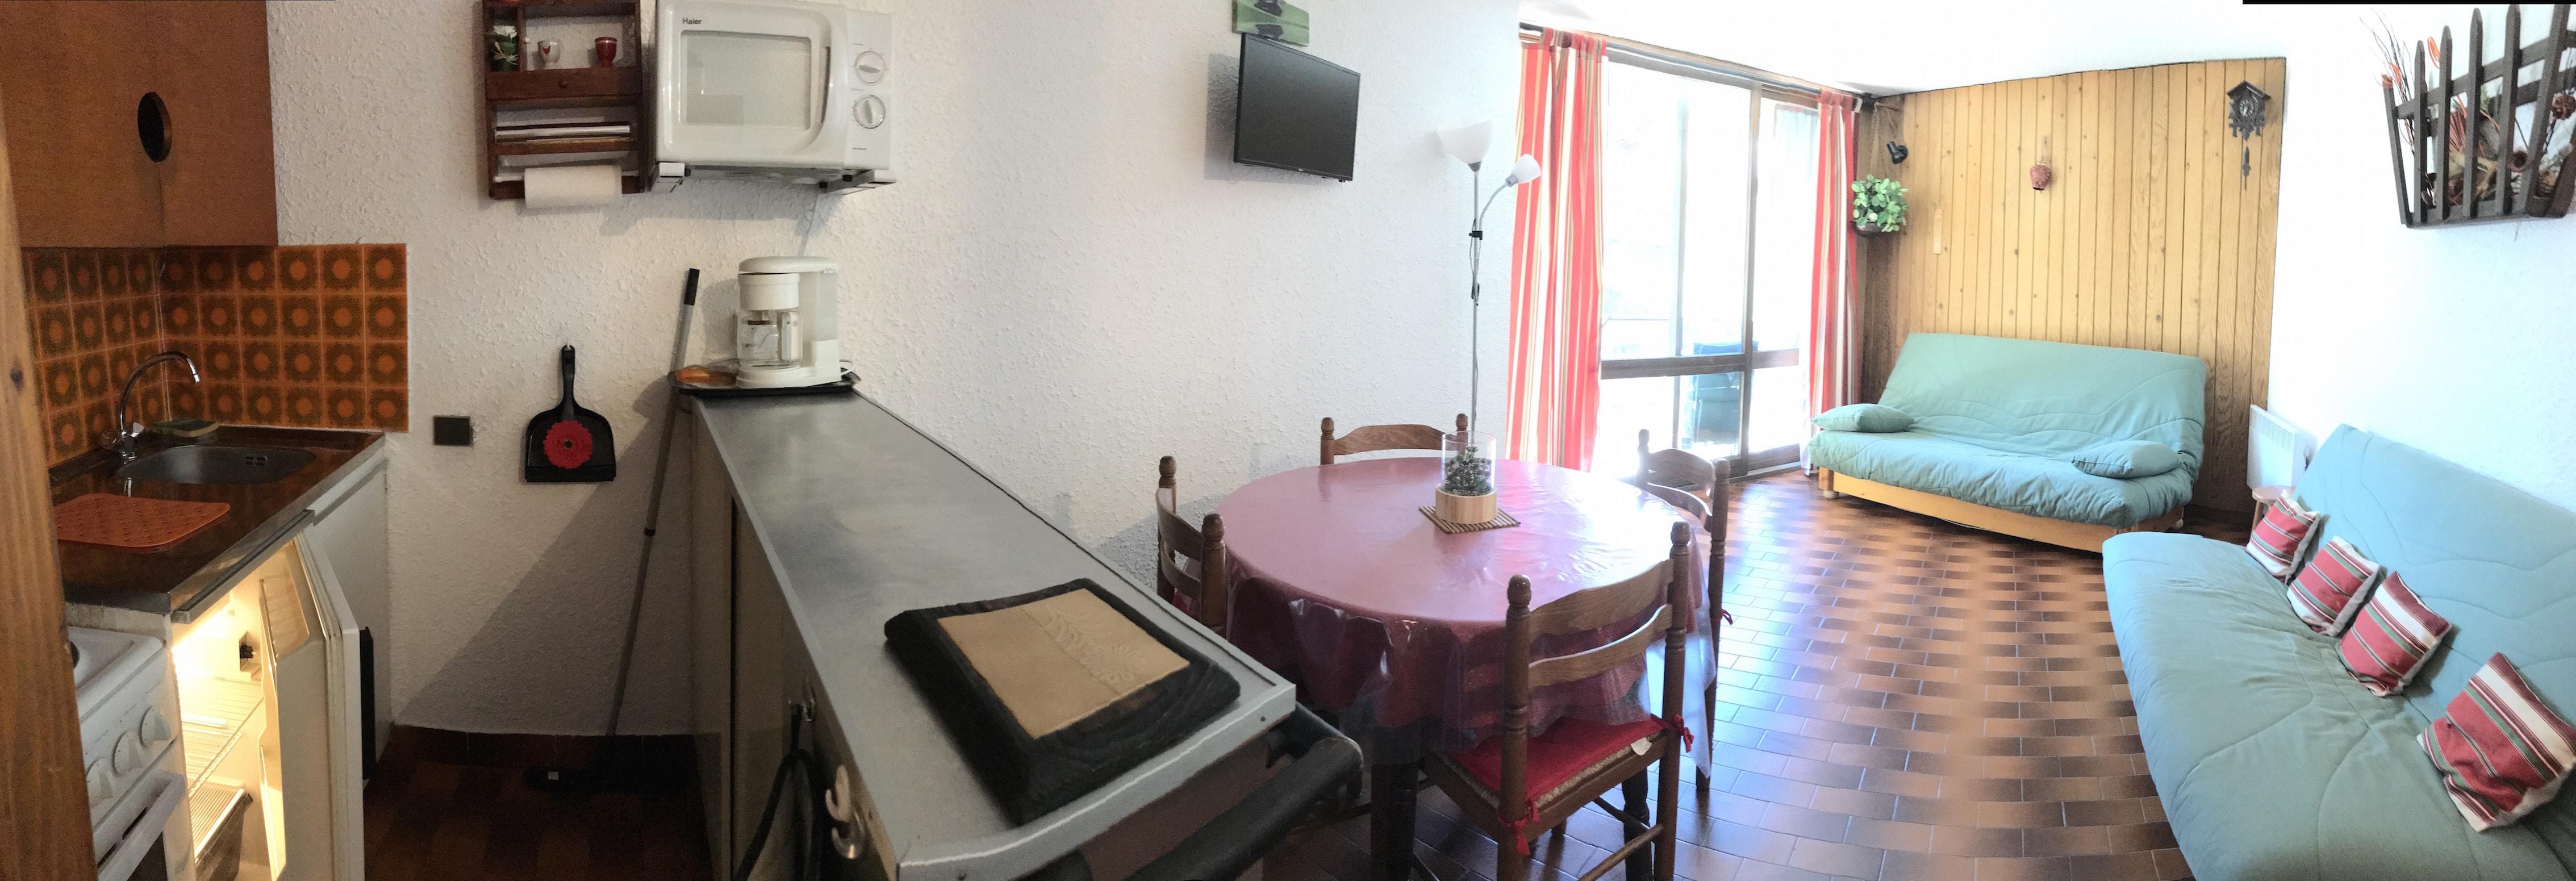 salon cuisine3 - ANCELLE Studio montagne 28 m2 avec balcon